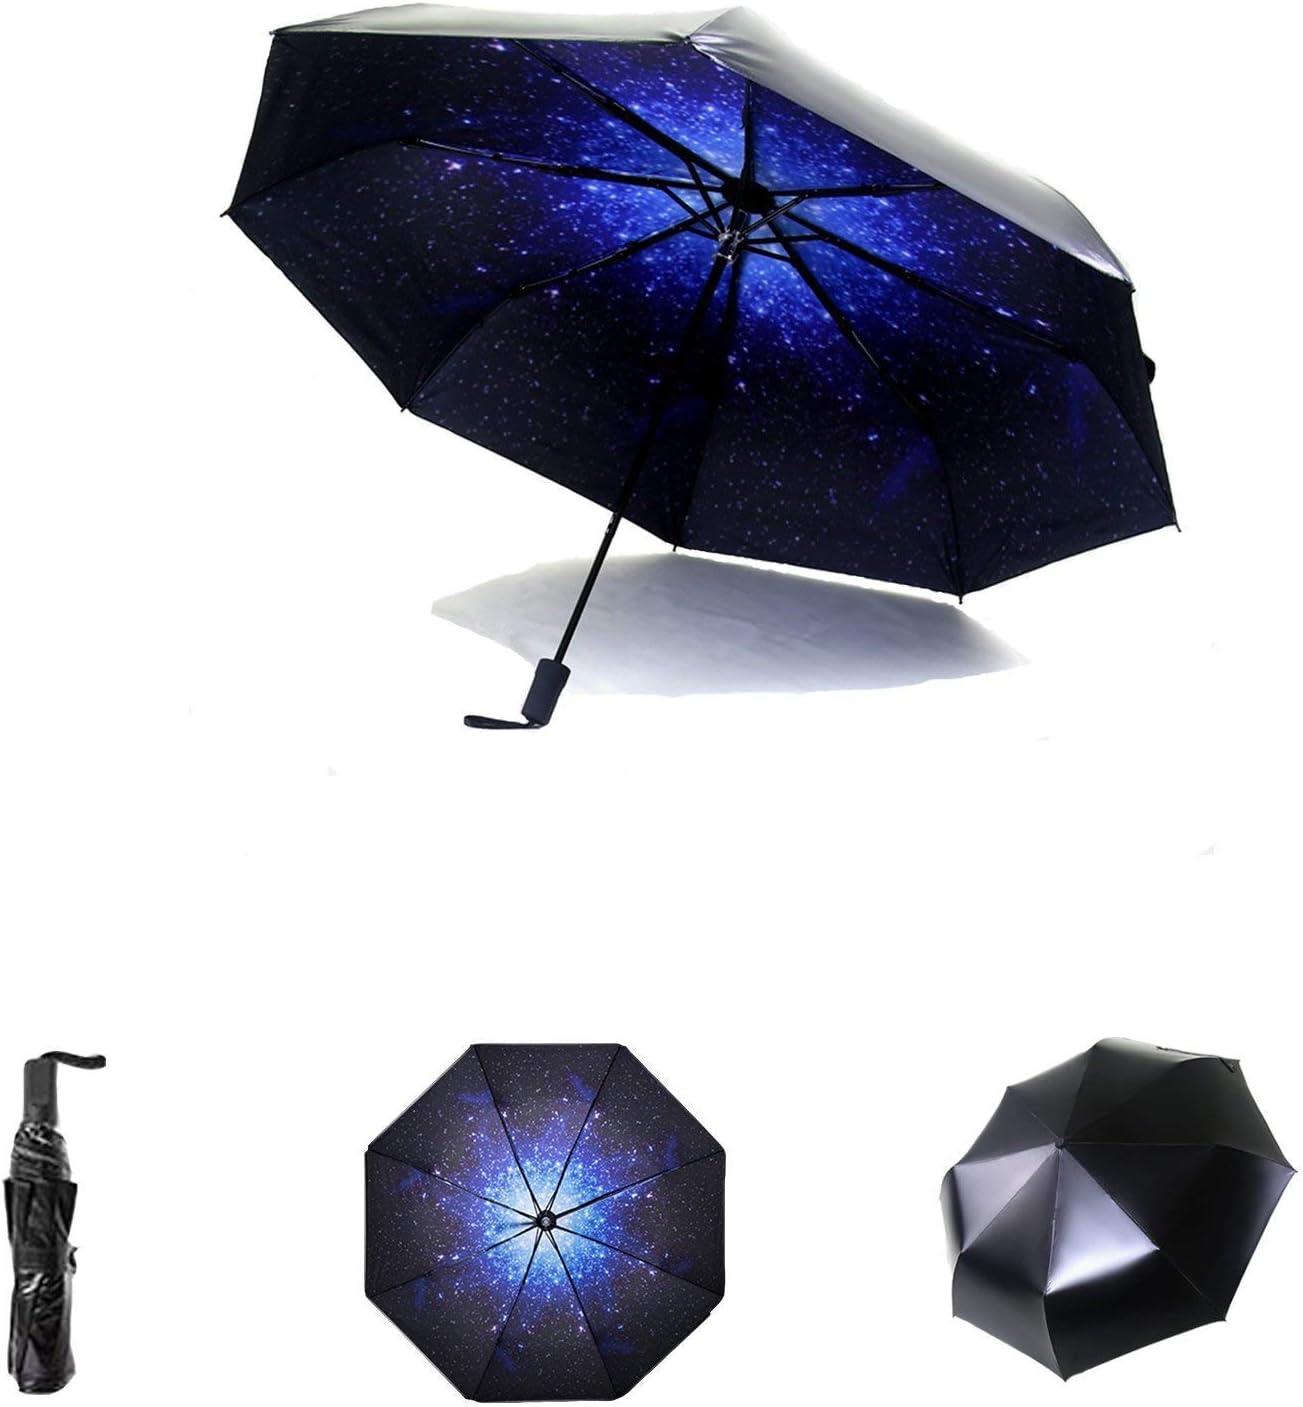 Parasol Paraguas Plegable - Paraguas De Viaje Plegable para Lluvia Sol con SPF 50+ Protección UV A Prueba De Viento - De Plegable Y Compacto con Teflón 210T para Viajes Al Aire